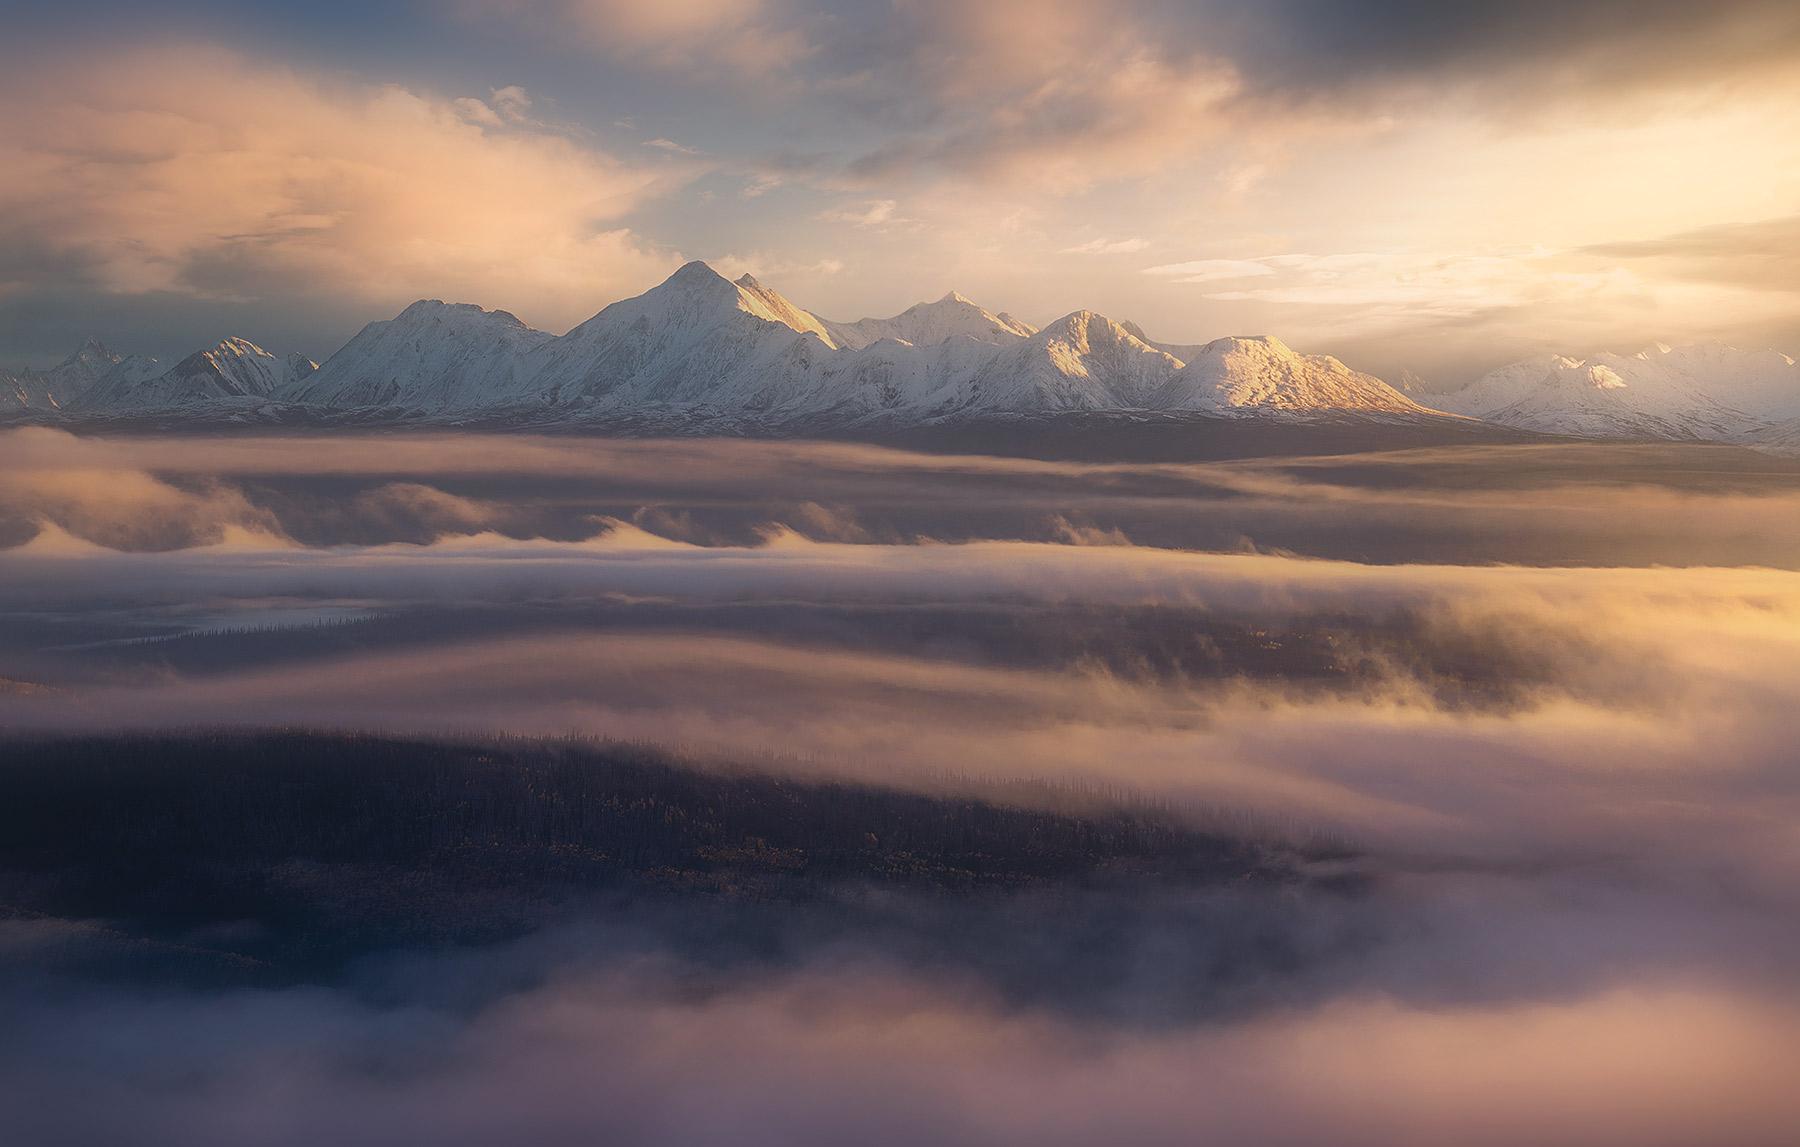 heavenly, Yukon, Ogilvie, photo